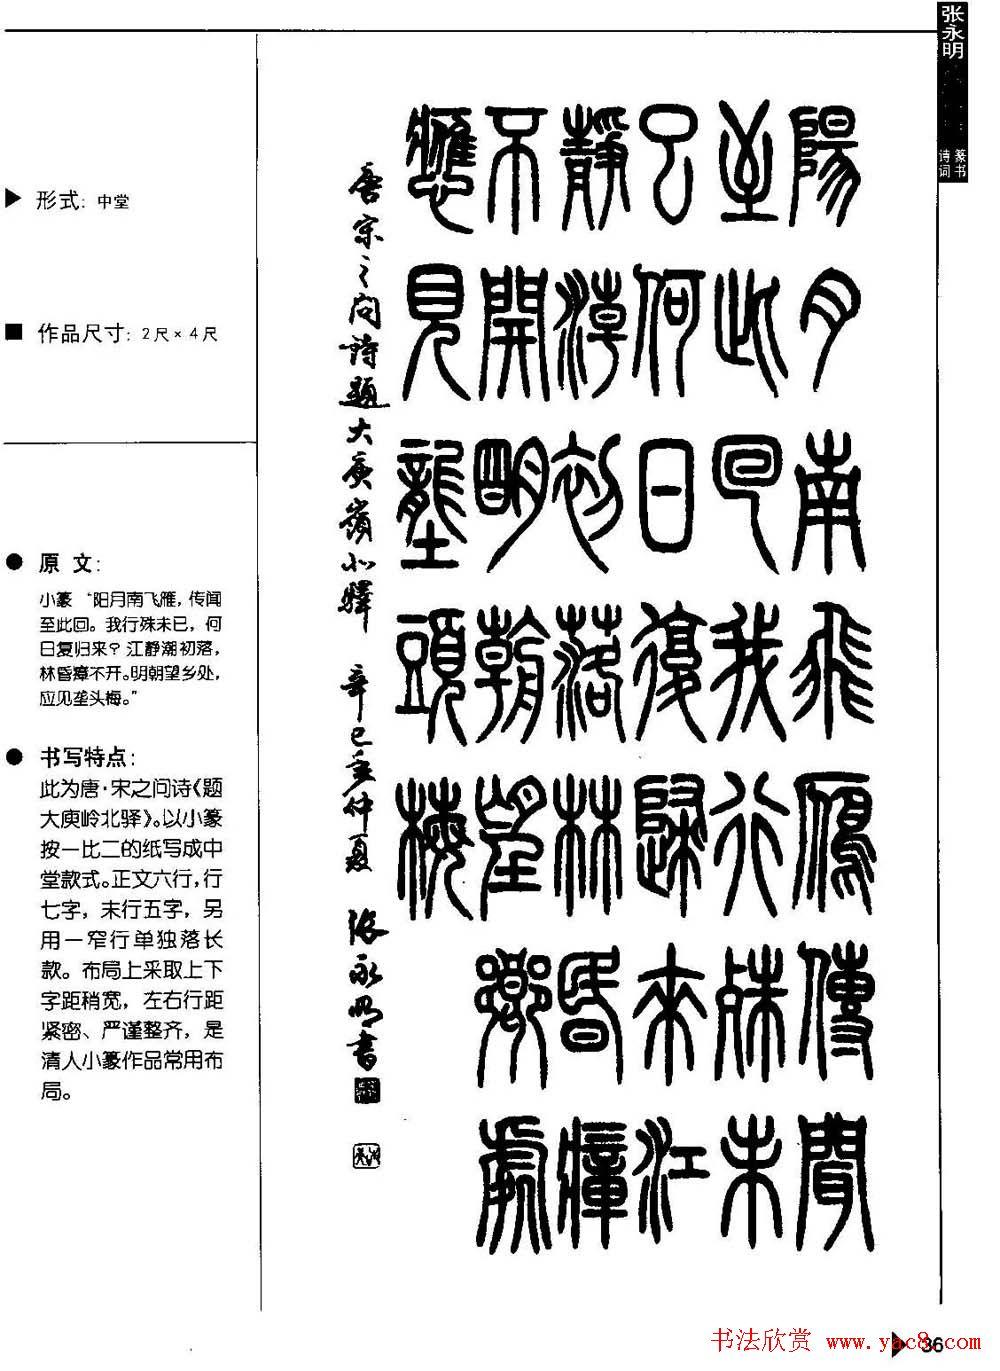 张永明篆书字帖《篆书诗词50例》(38)图片